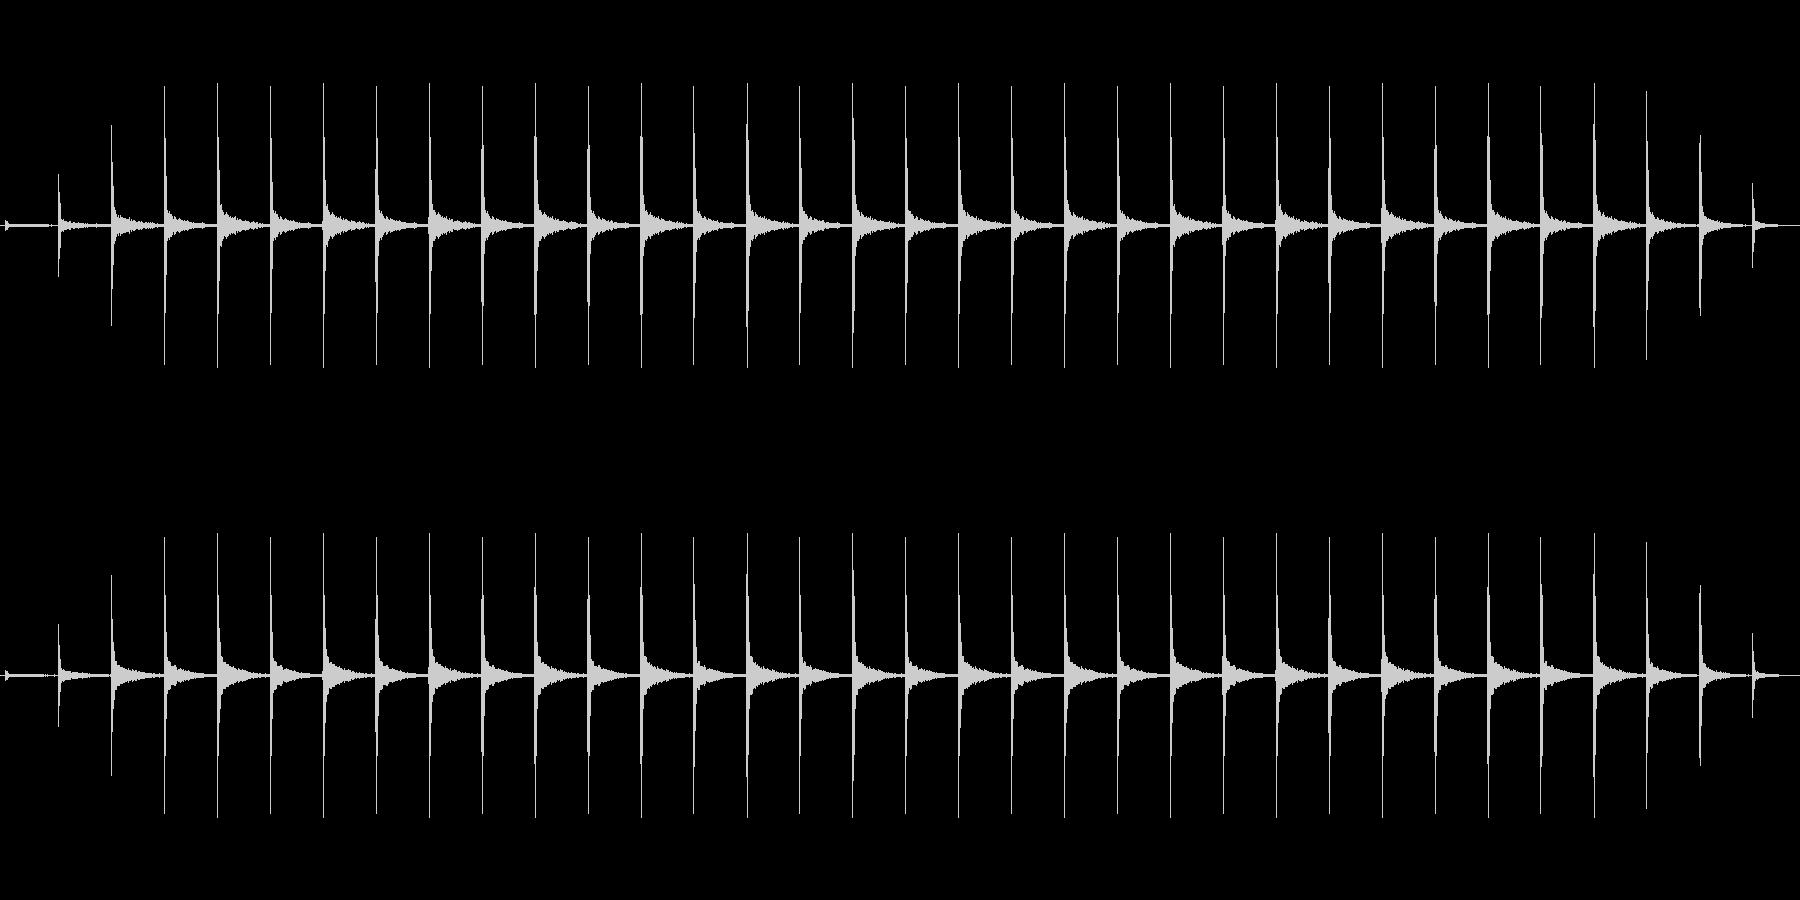 時計 ticktock_43-2_revの未再生の波形